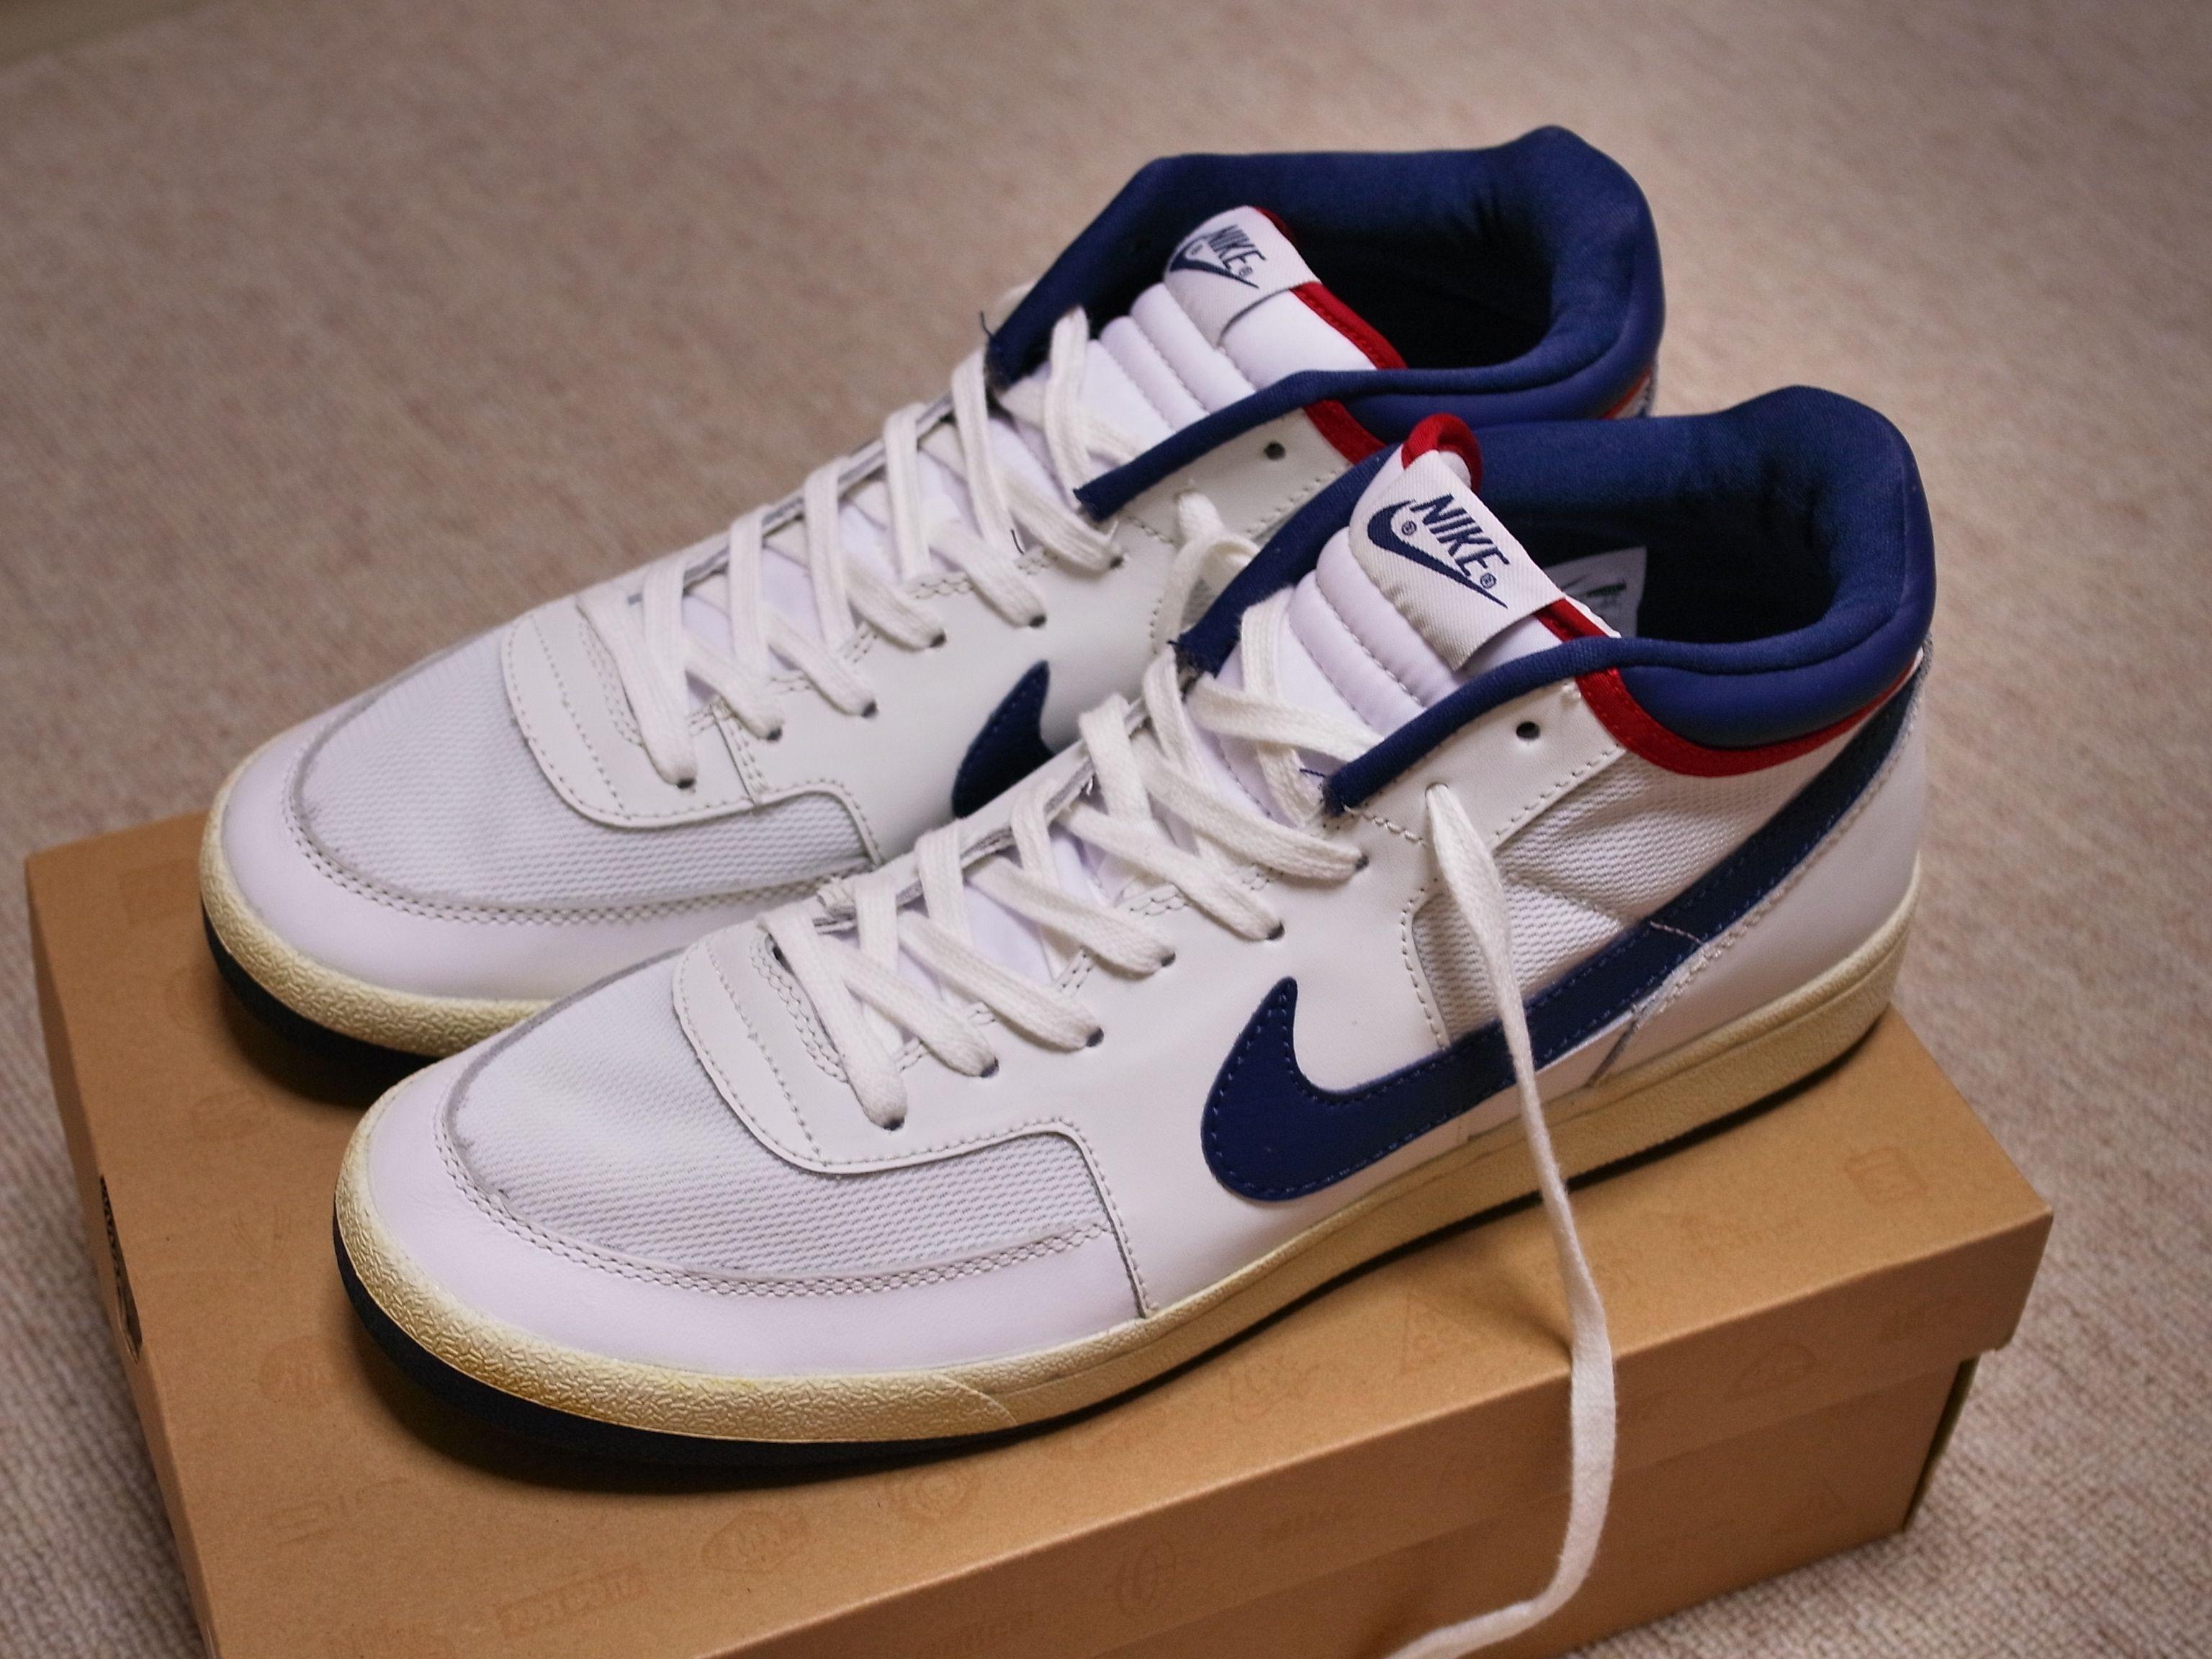 Nike Challenge Court Vintage 'John McEnroe' 2012 - Next in line | artsy |  Pinterest | Vintage, Summer and Footwear